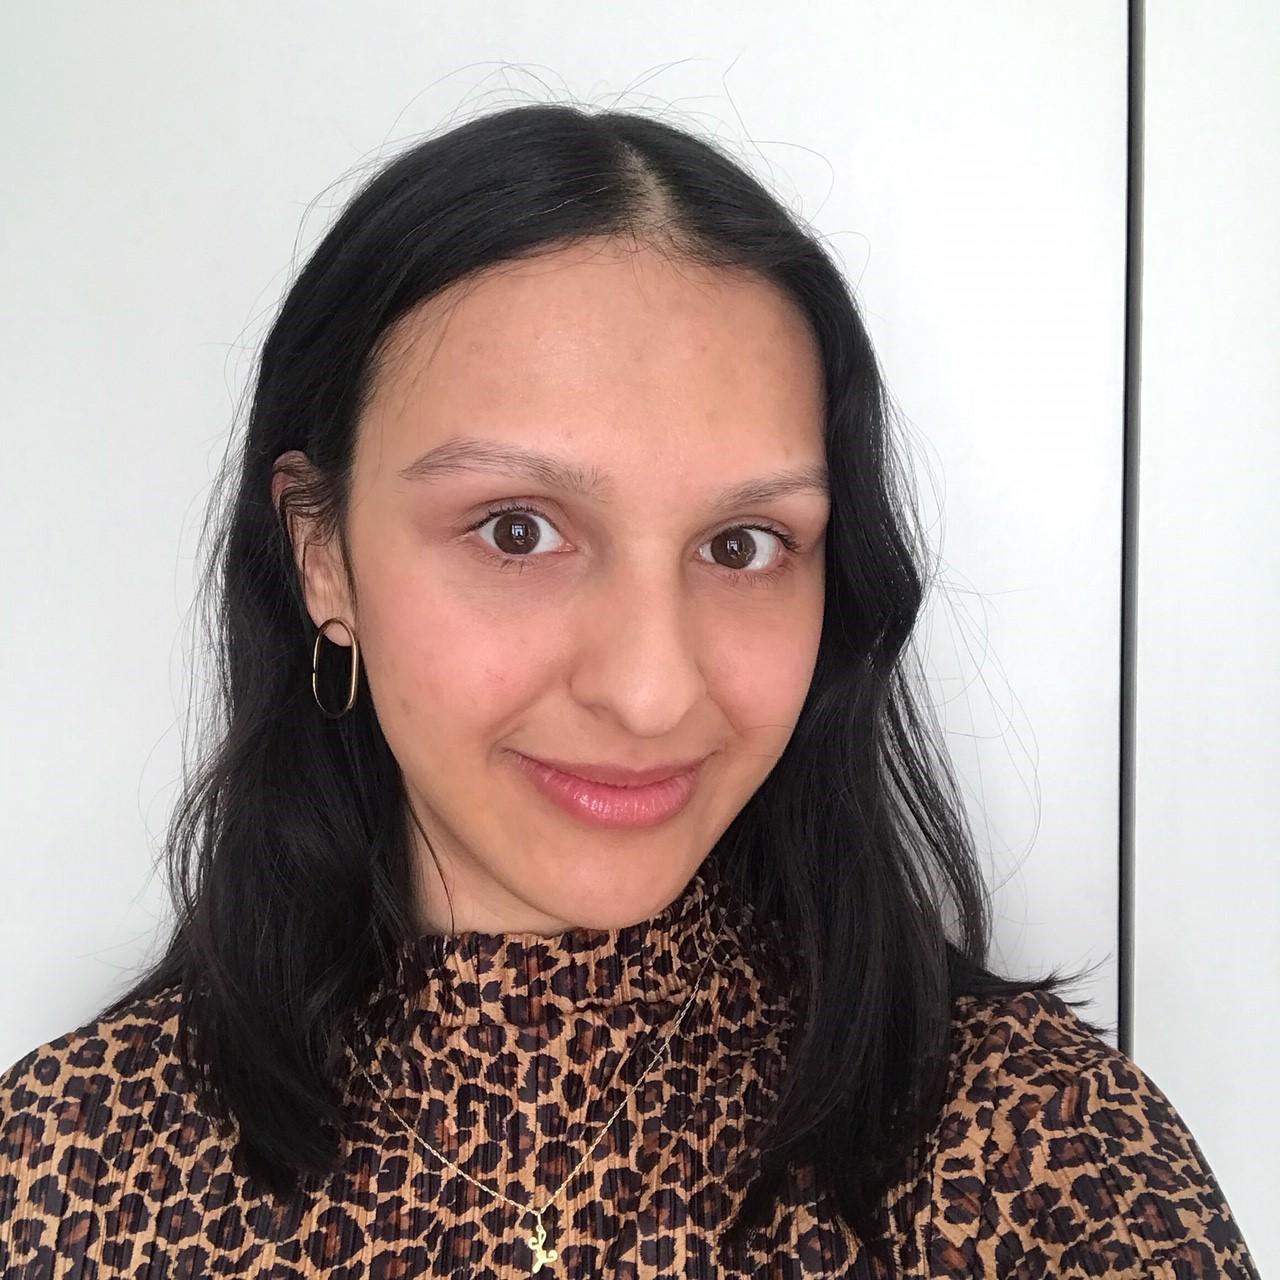 Lili Chowdhury